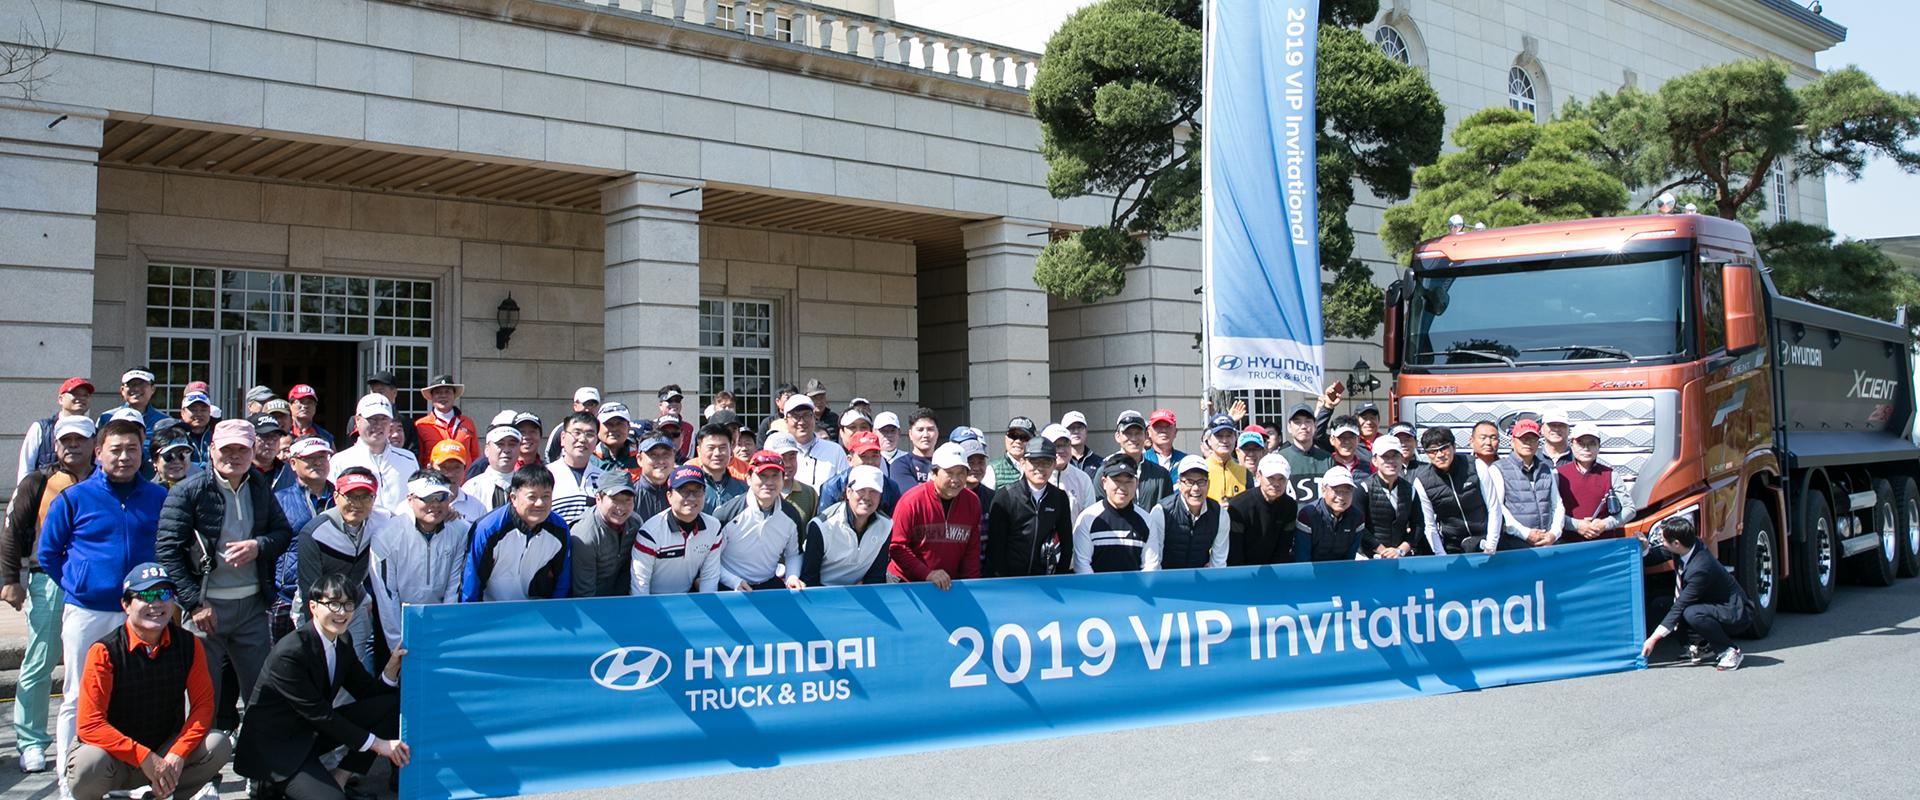 VIP por invitación 2019